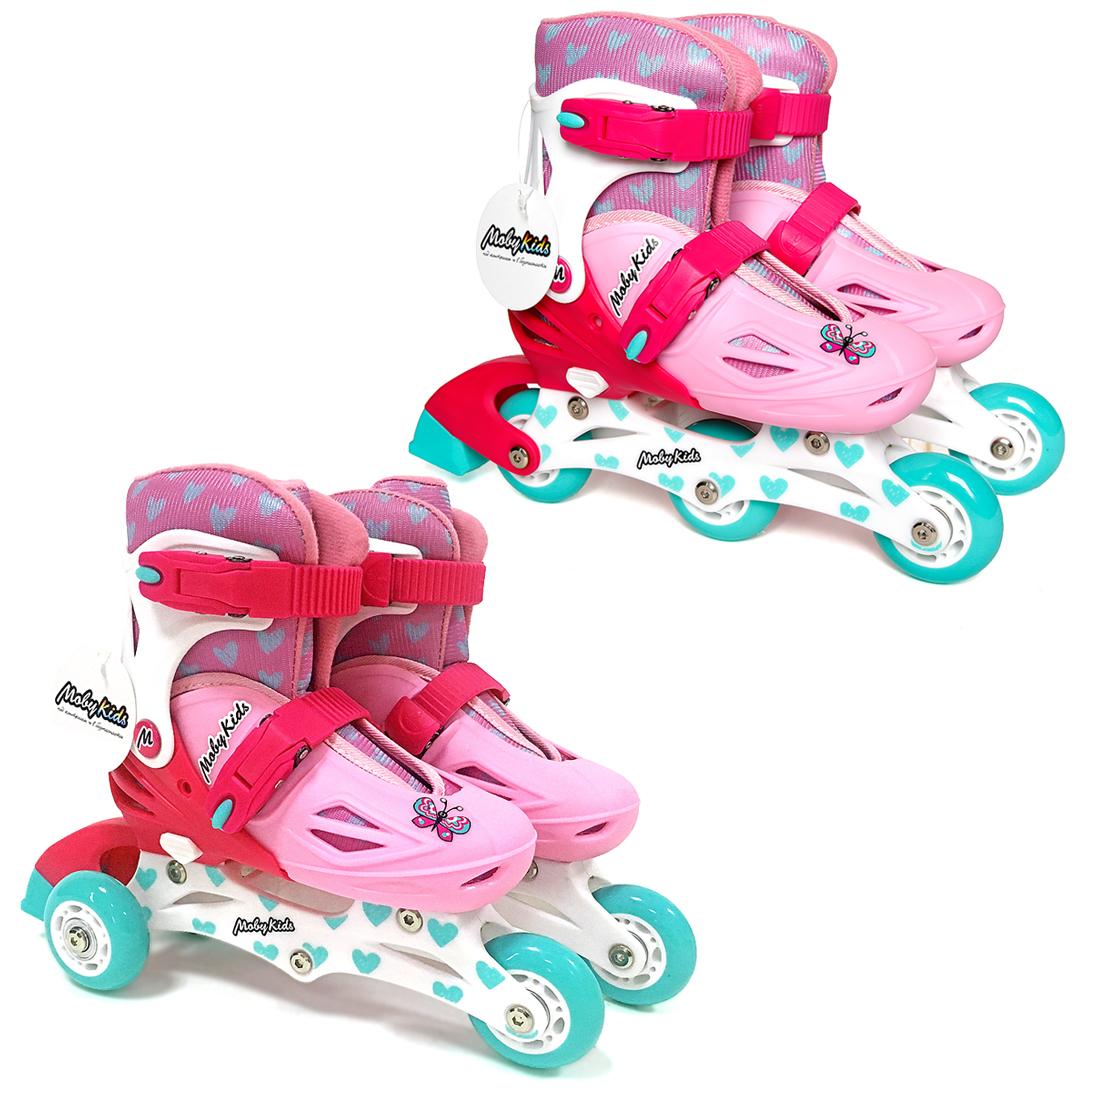 Роликовые коньки Moby Kids 641001 ролики и скейтборды moby kids коньки роликовые moby kids 26 29 раздвижные фиолетовые